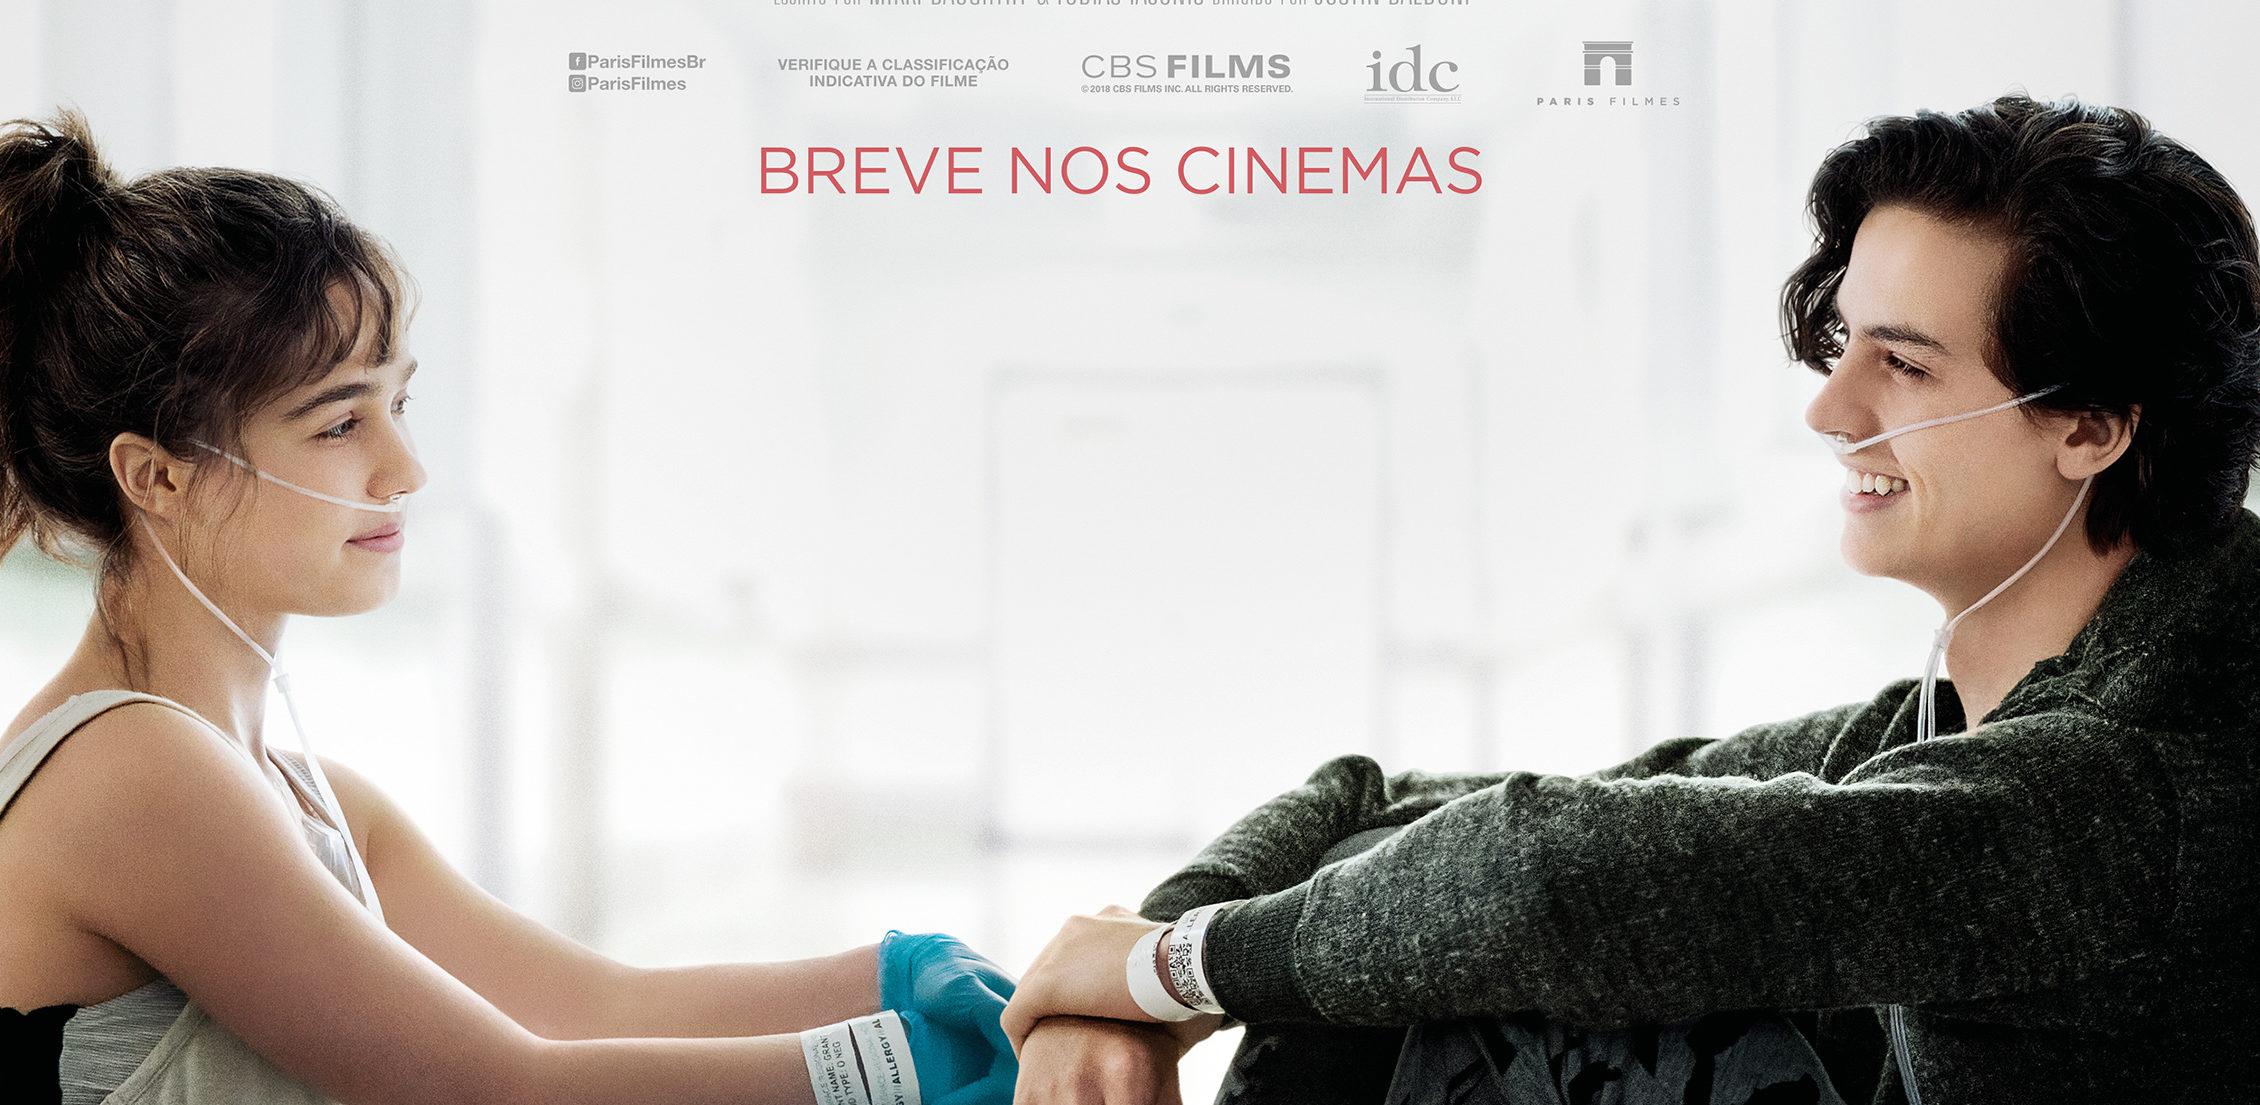 Cinco Passos de Você   Novo drama estrelando Cole Sprouse ganha pôster